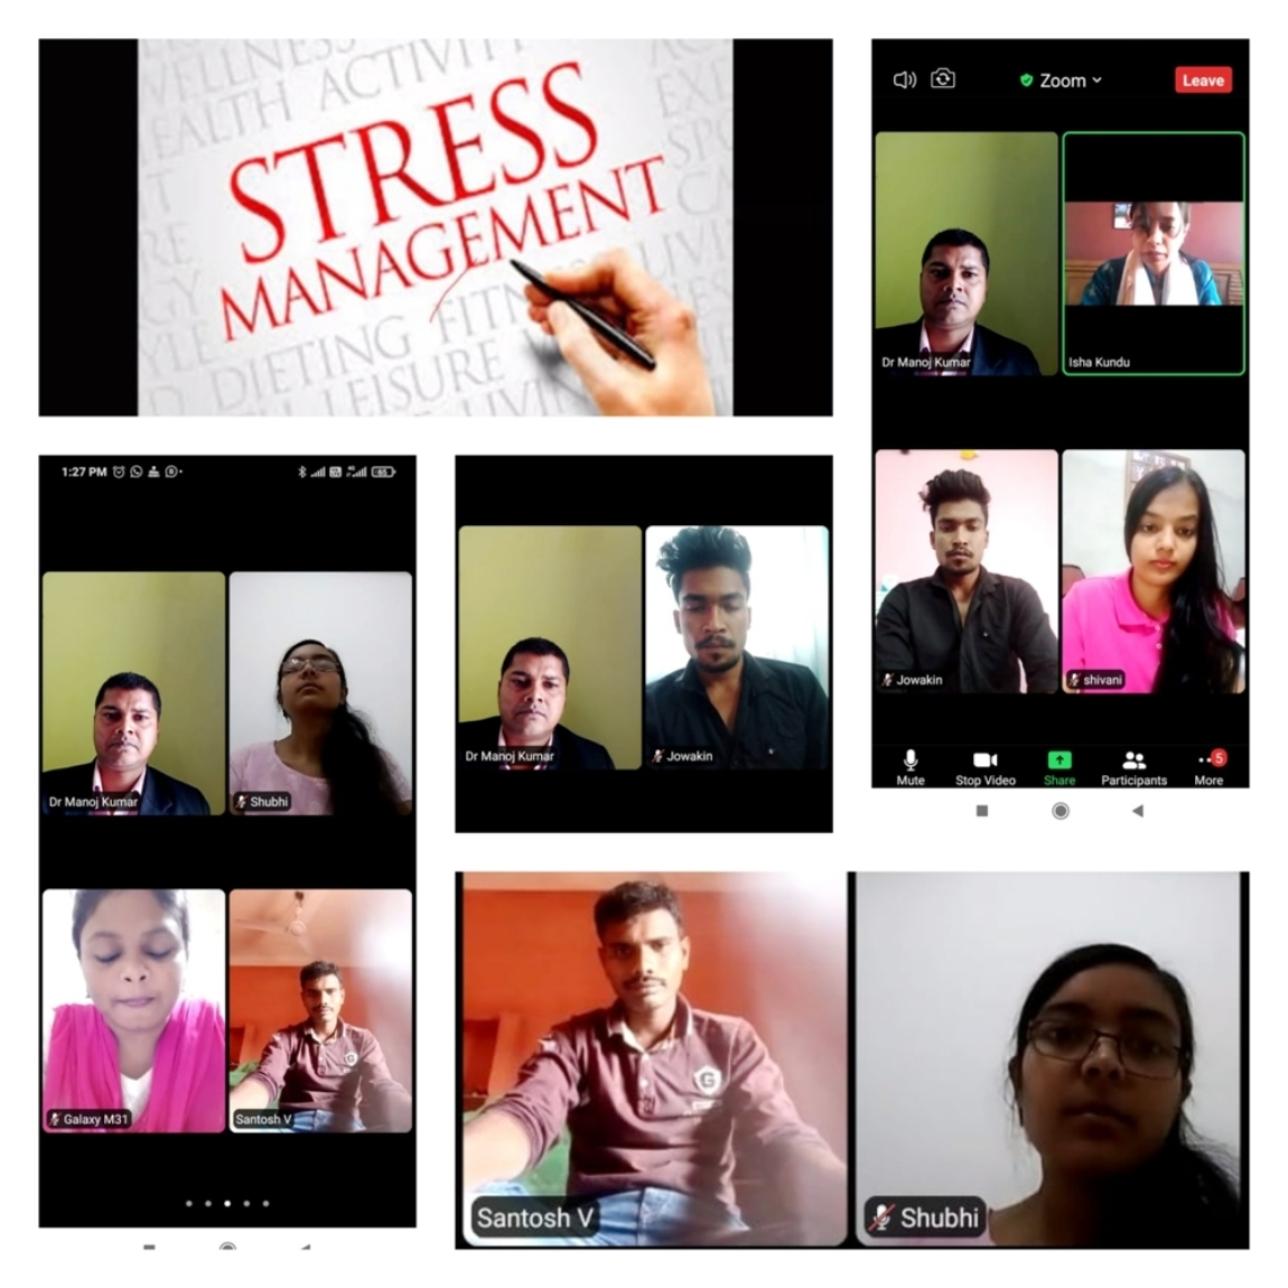 युवाओं में बढते तनाव व अवसाद जैसी समस्या के प्रति जागरूकता बेबिनार आयोजित